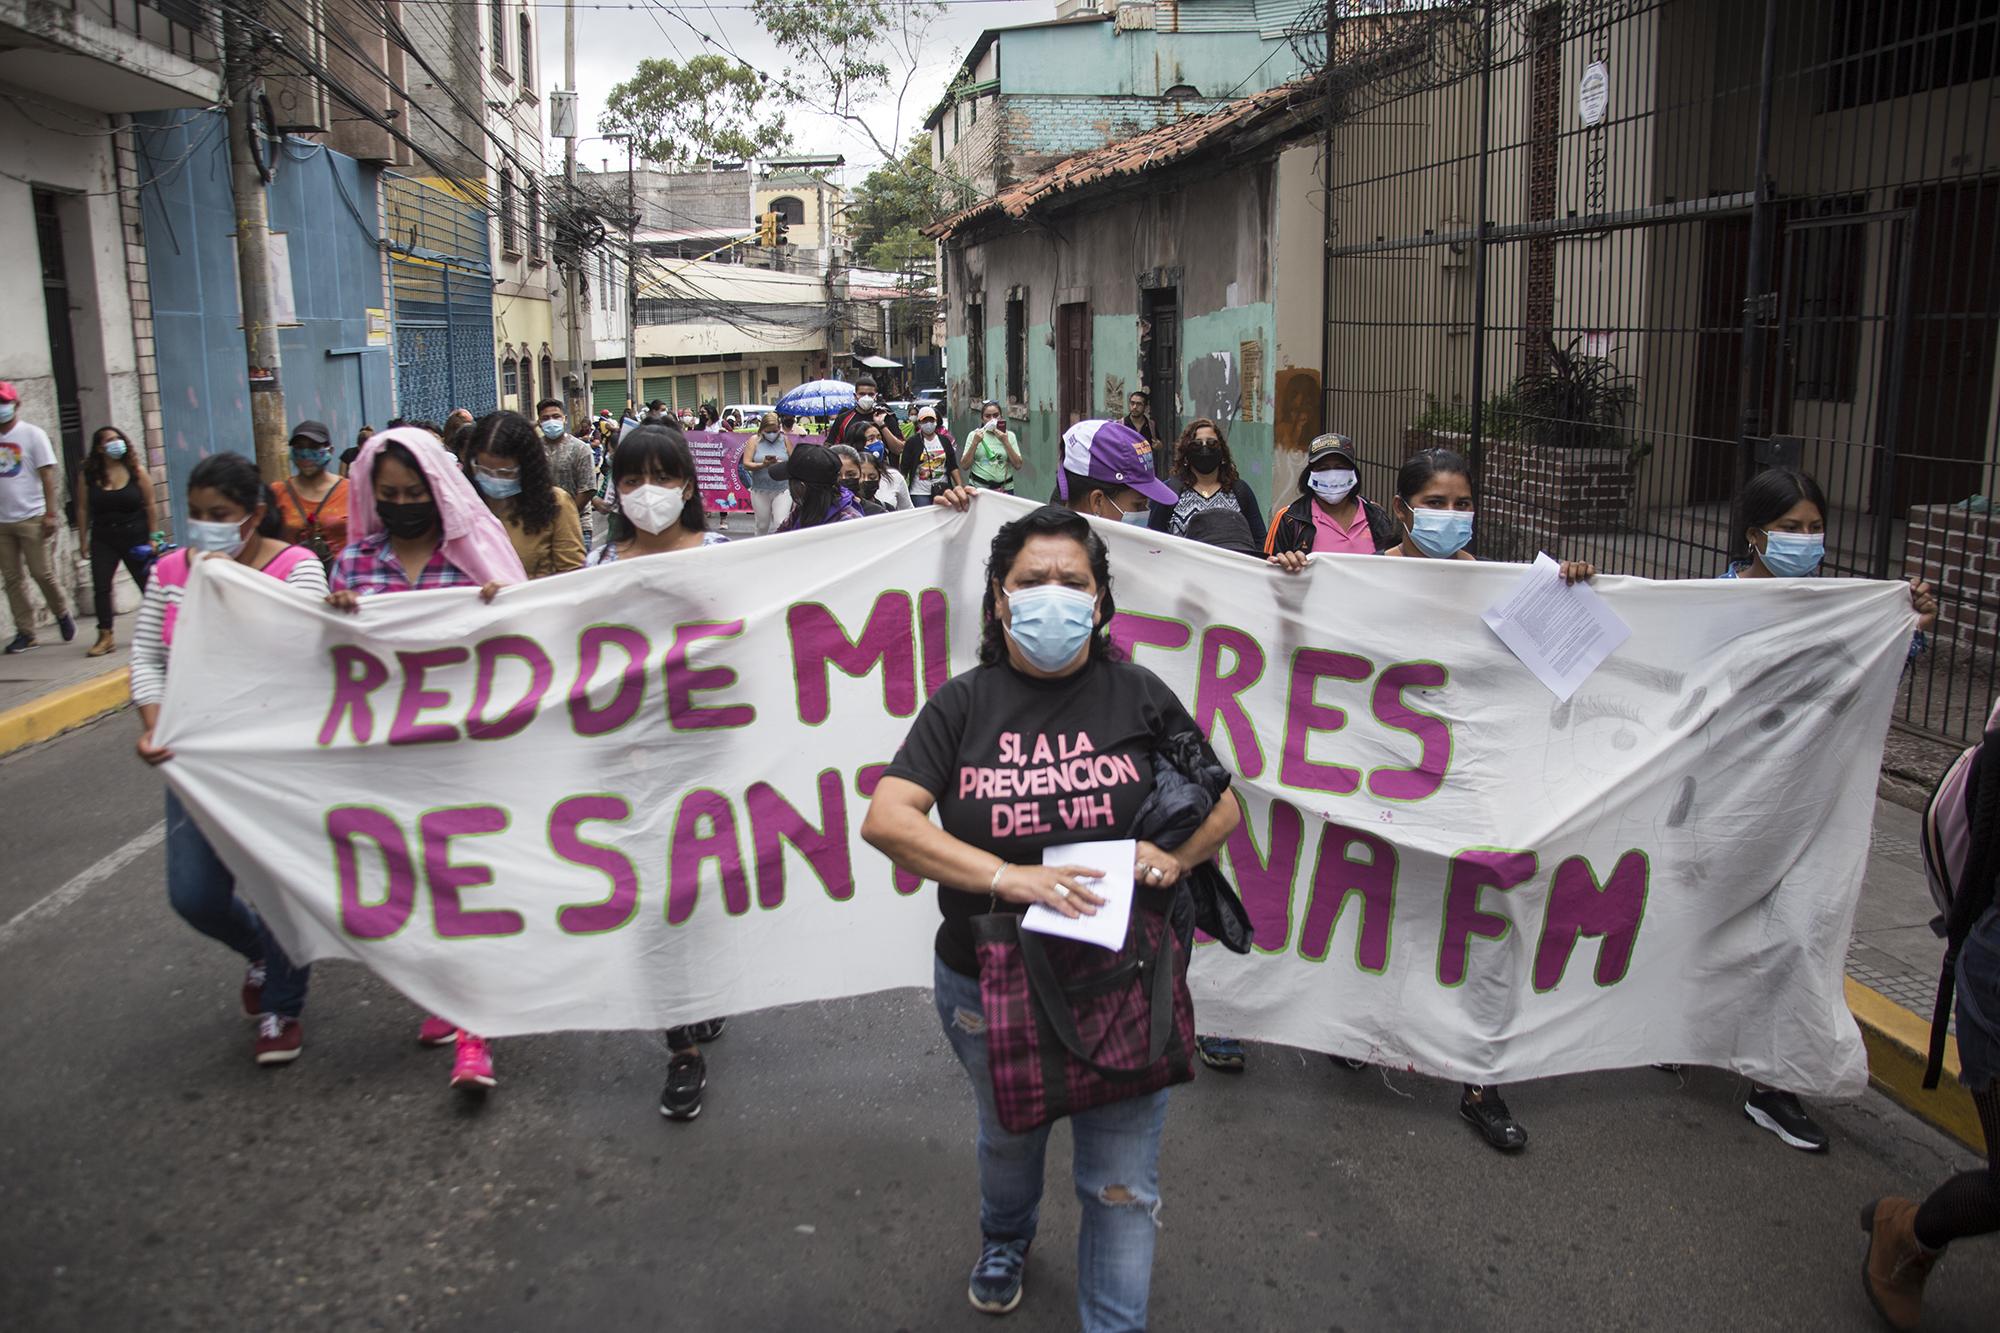 Diversas organizaciones formaron parte de la movilización en el centro de Tegucigalpa, entre ellas la Red de Mujeres de Santa Ana. Tegucigalpa,  25 de enero de 2021. Foto: Ezequiel Sánchez / Contracorriente.